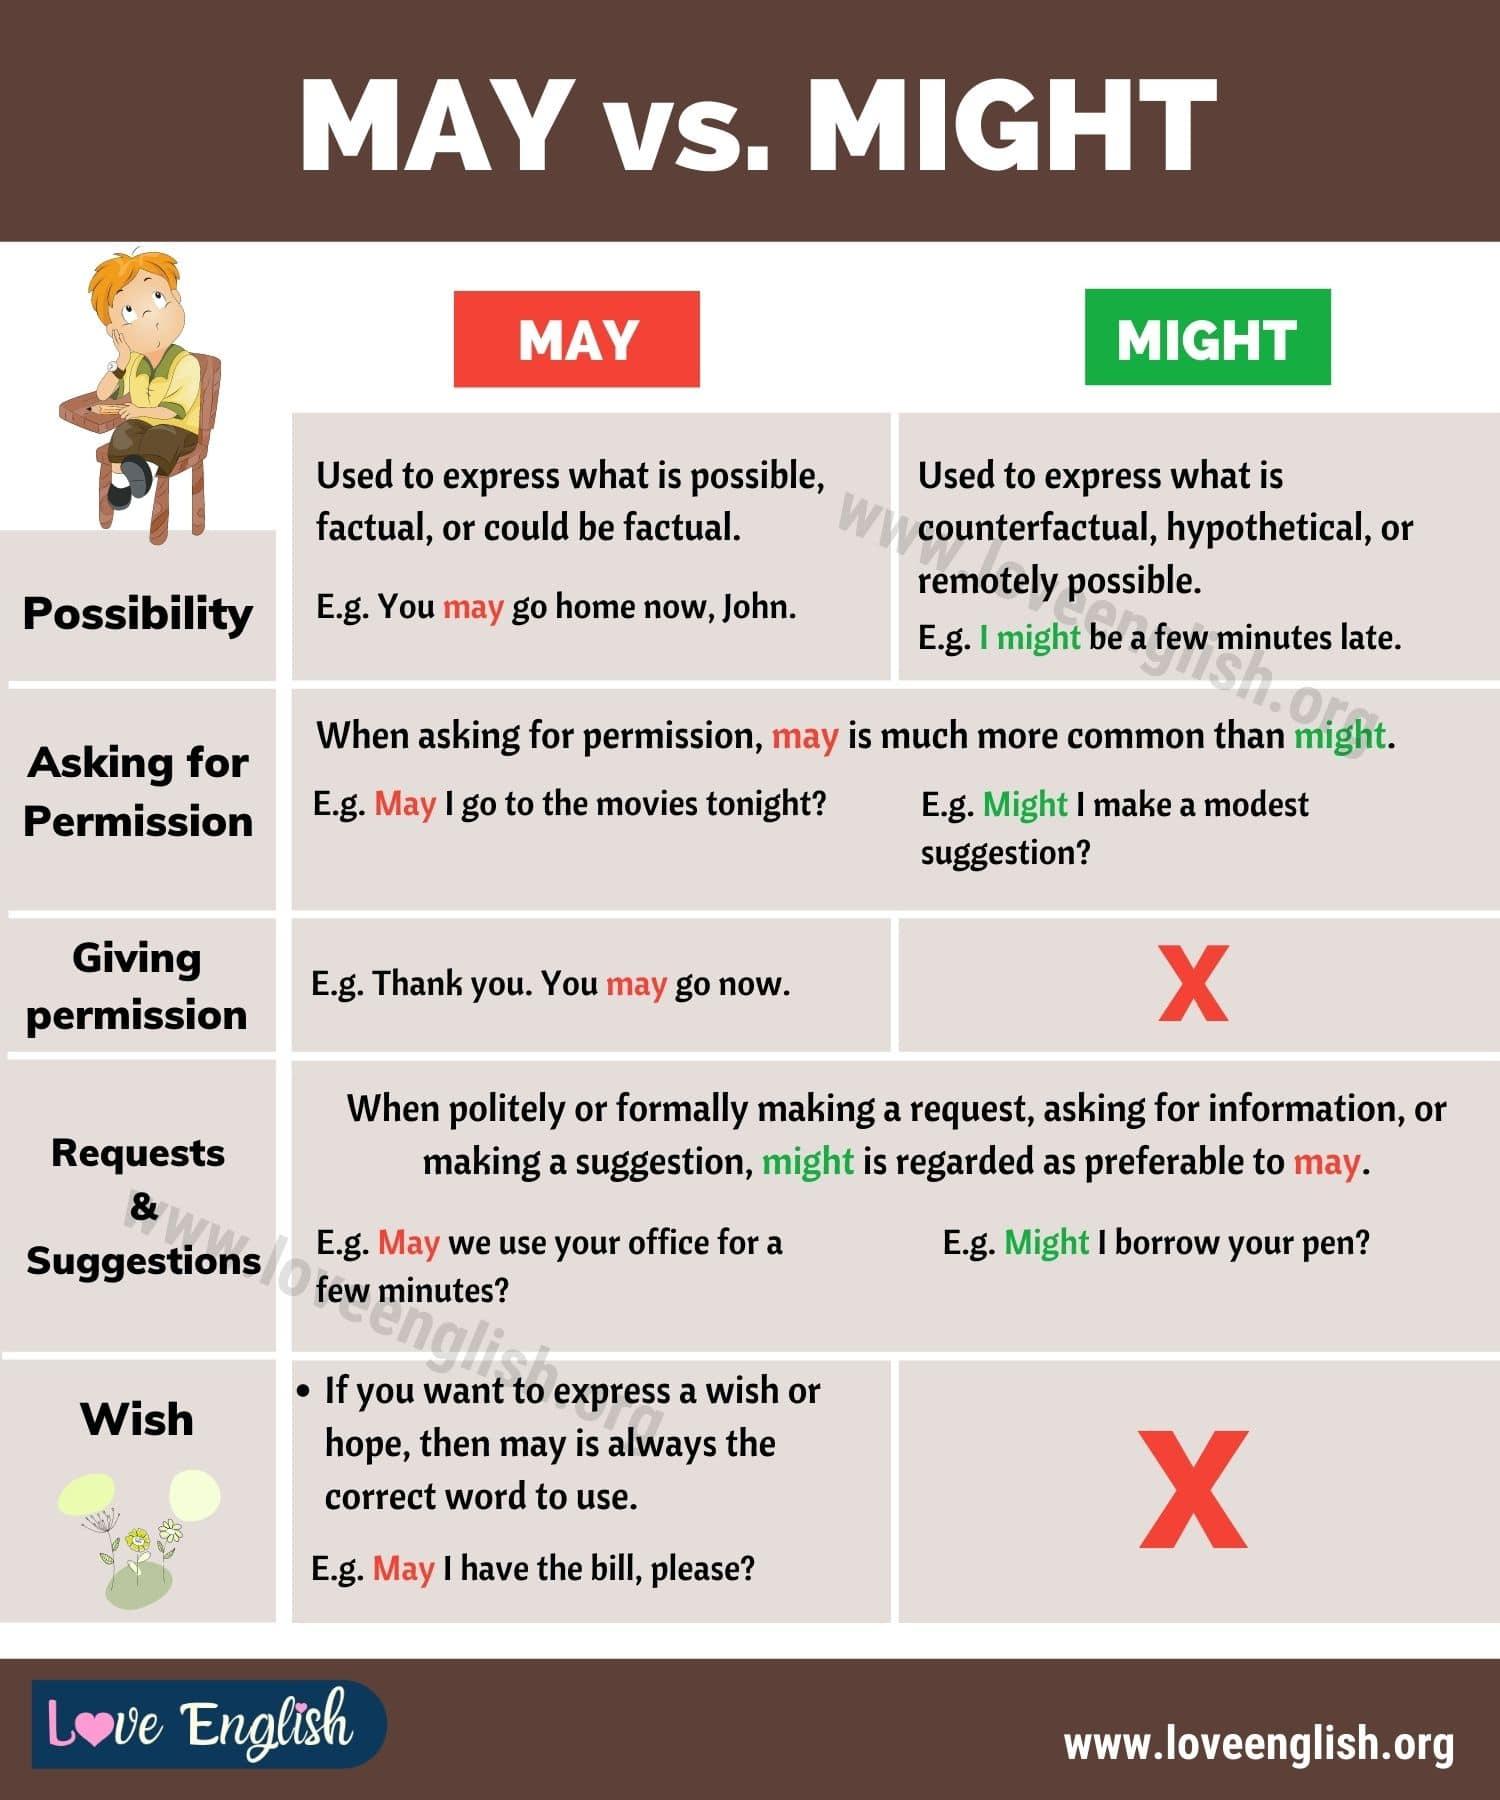 MAY vs MIGHT